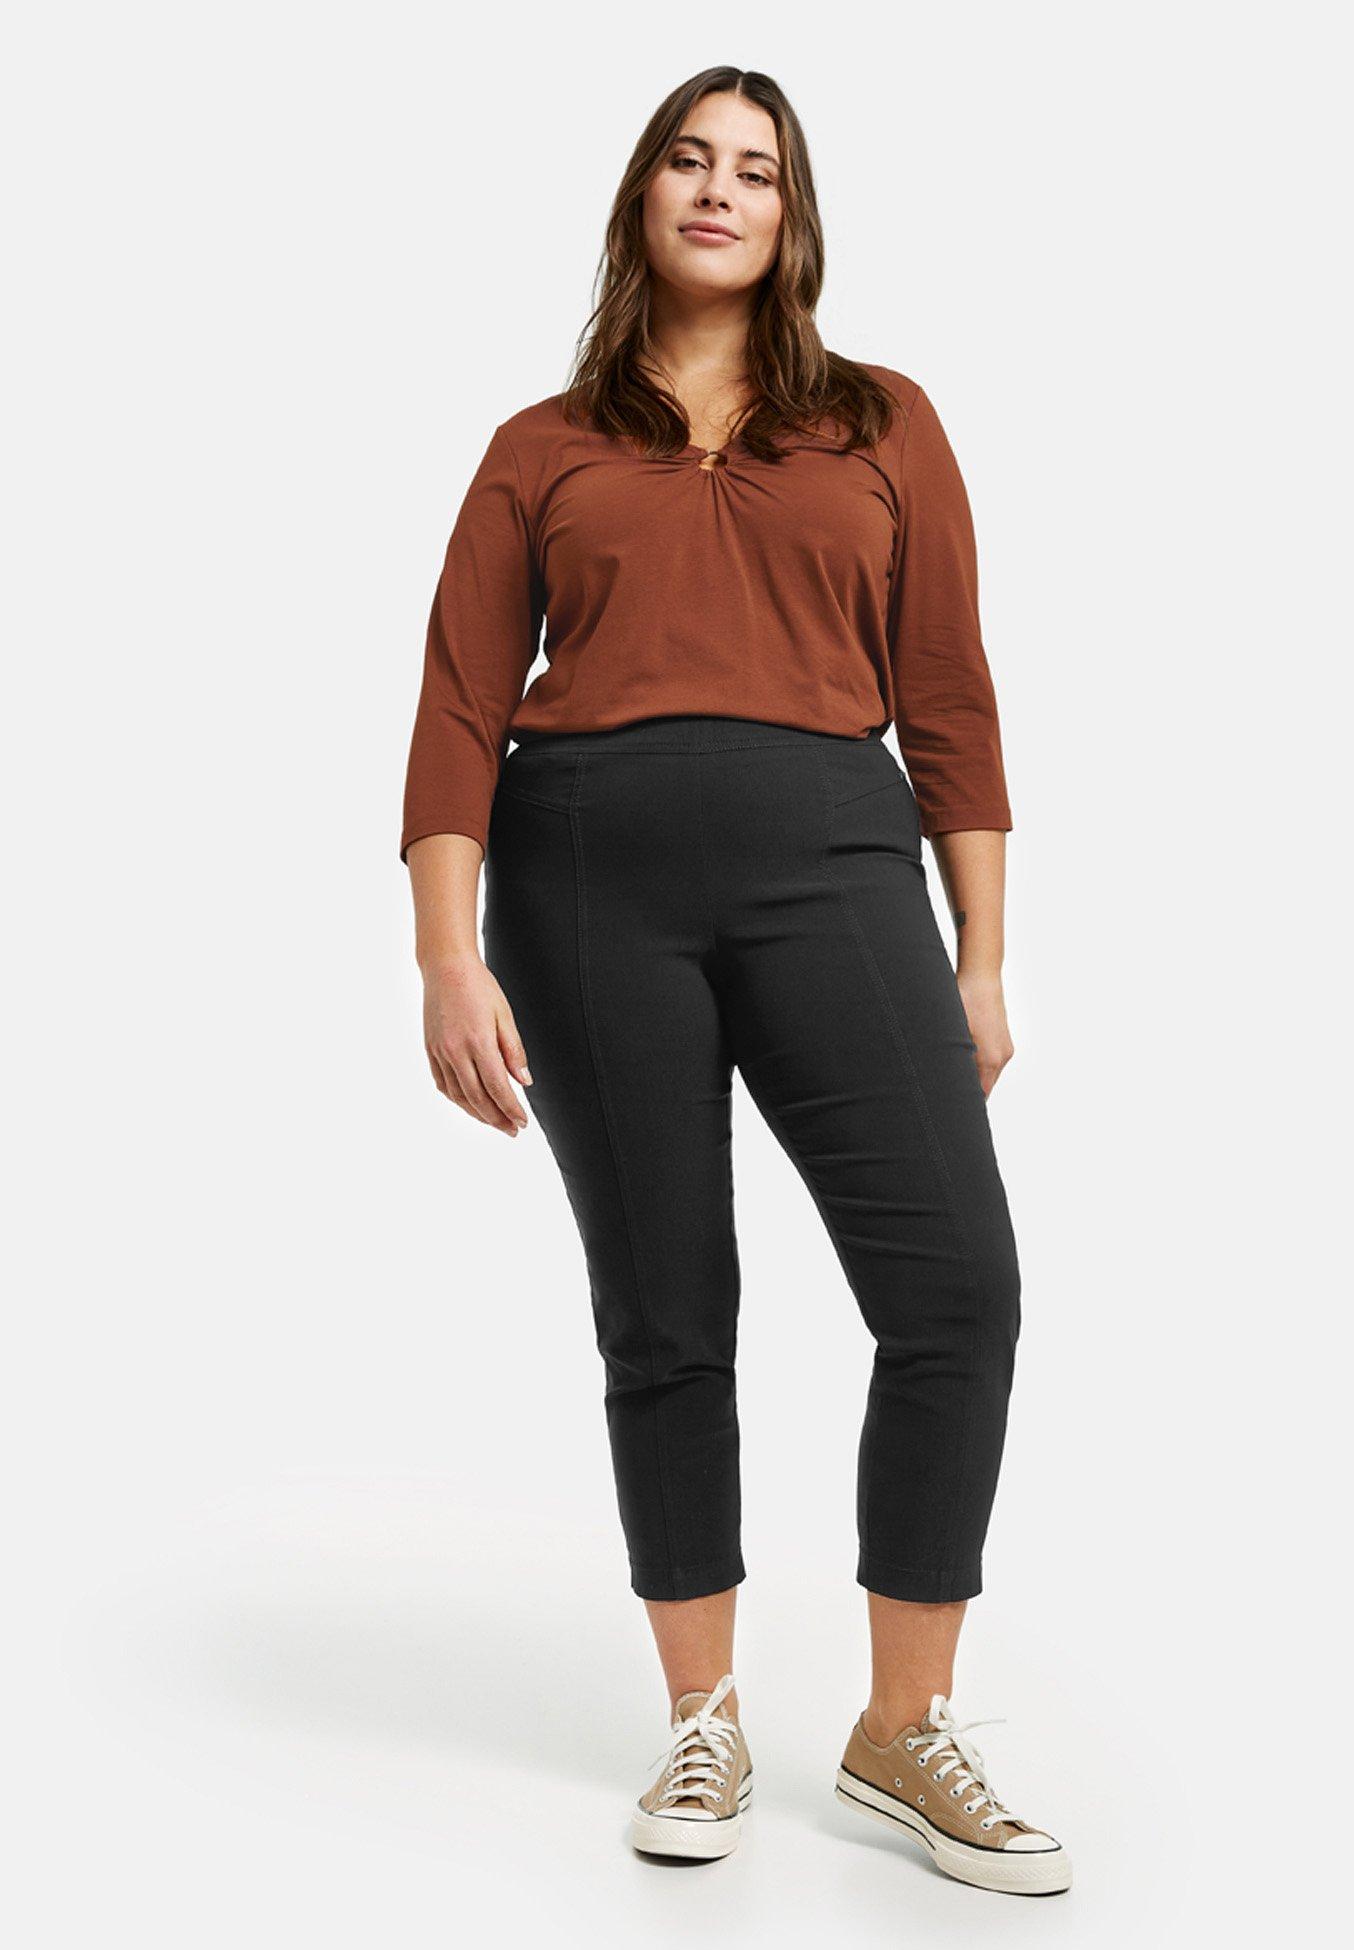 Damen LUCY - Leggings - Hosen